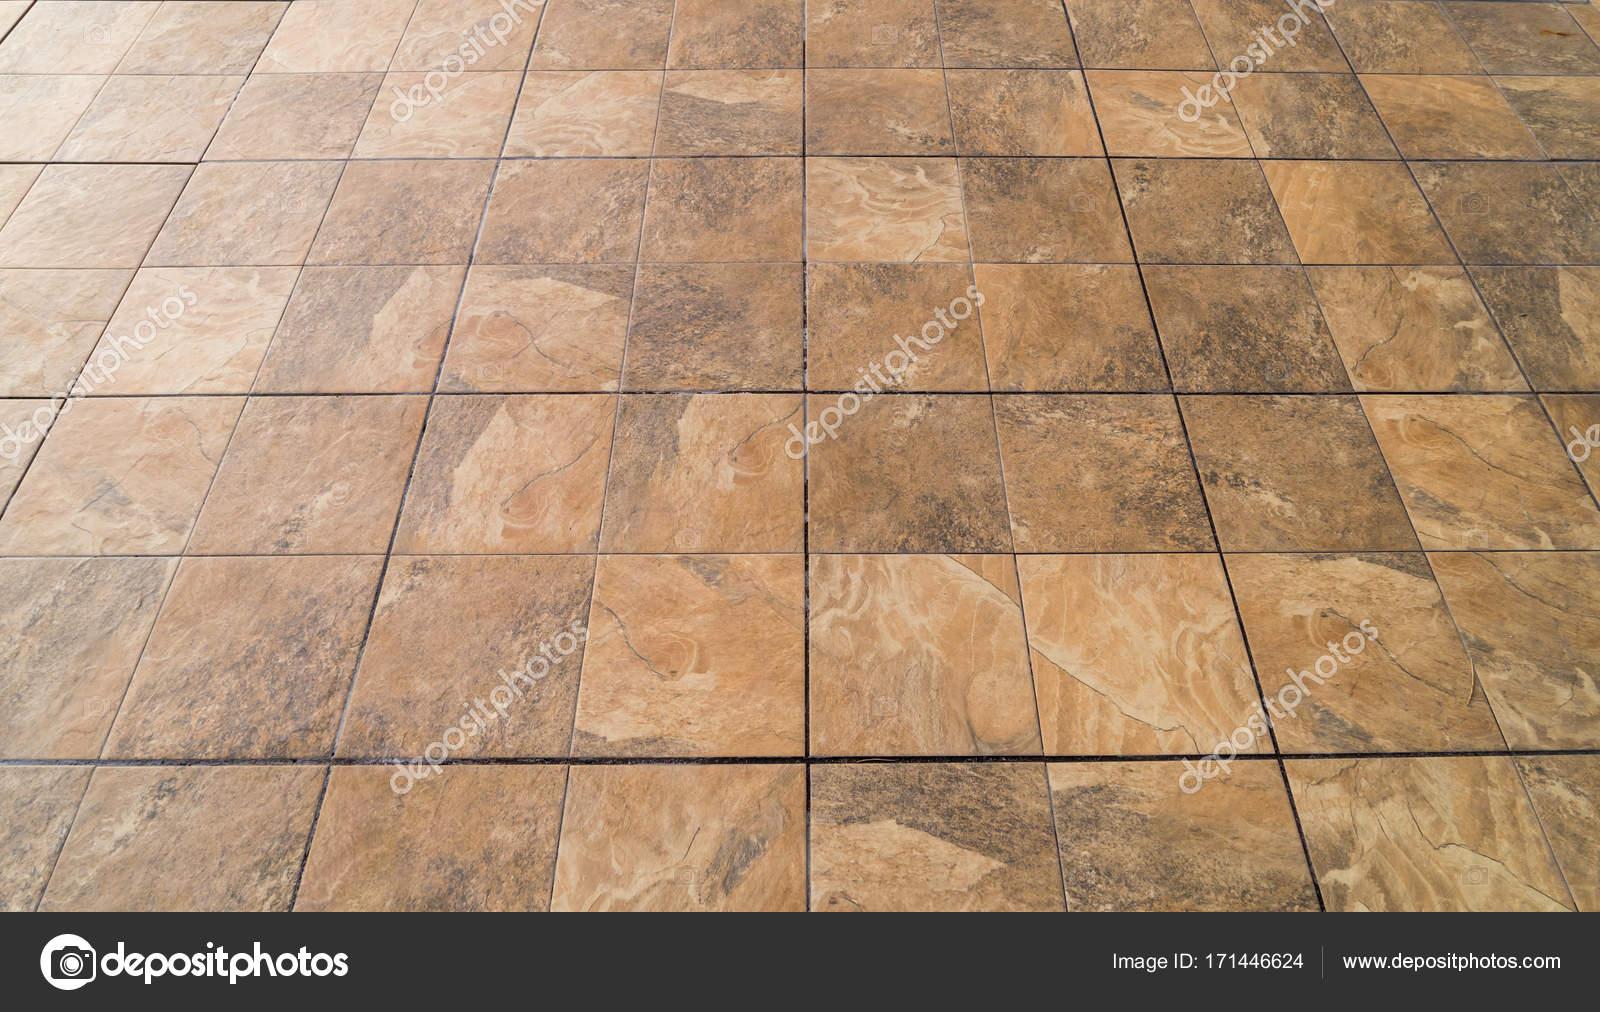 Fußboden Fliesen Marmor ~ Textur aus marmor stein fußboden fliesen draufsicht auf